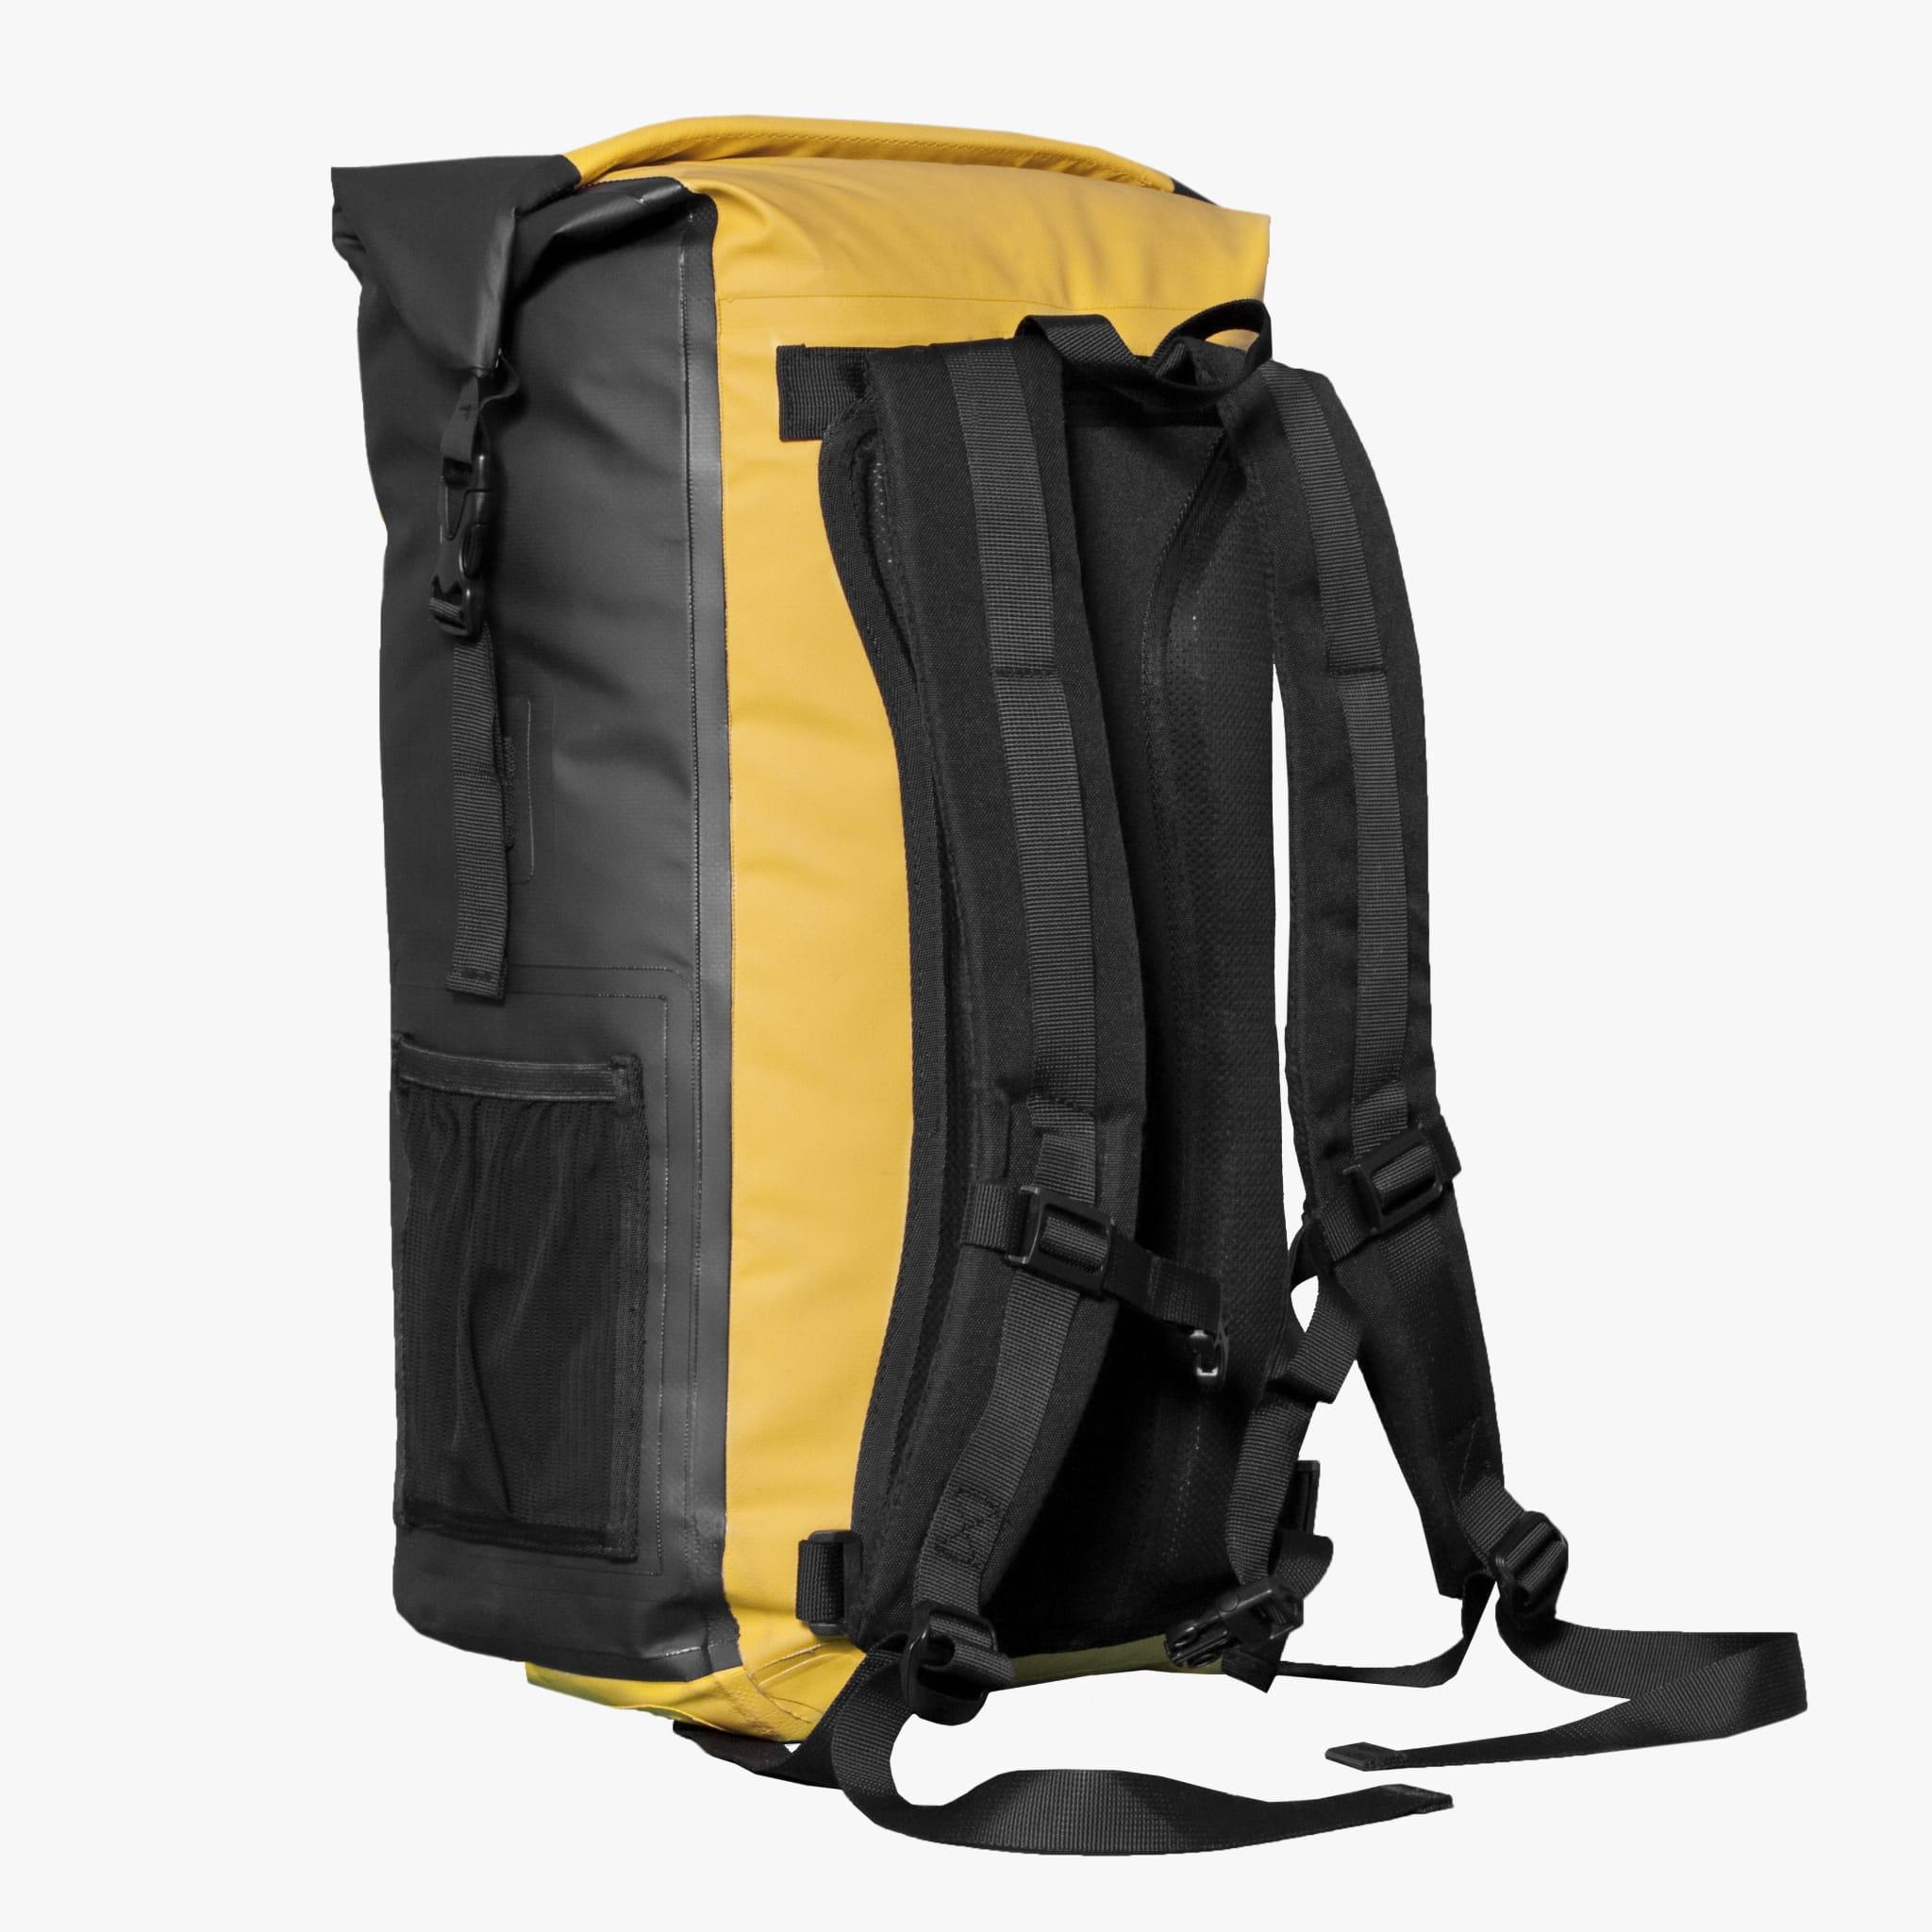 2501312f433b7 Plecak Fish Dry Pack Explorer 40l (WODOSZCZELNY) ŻÓŁTY SURFOTEKA